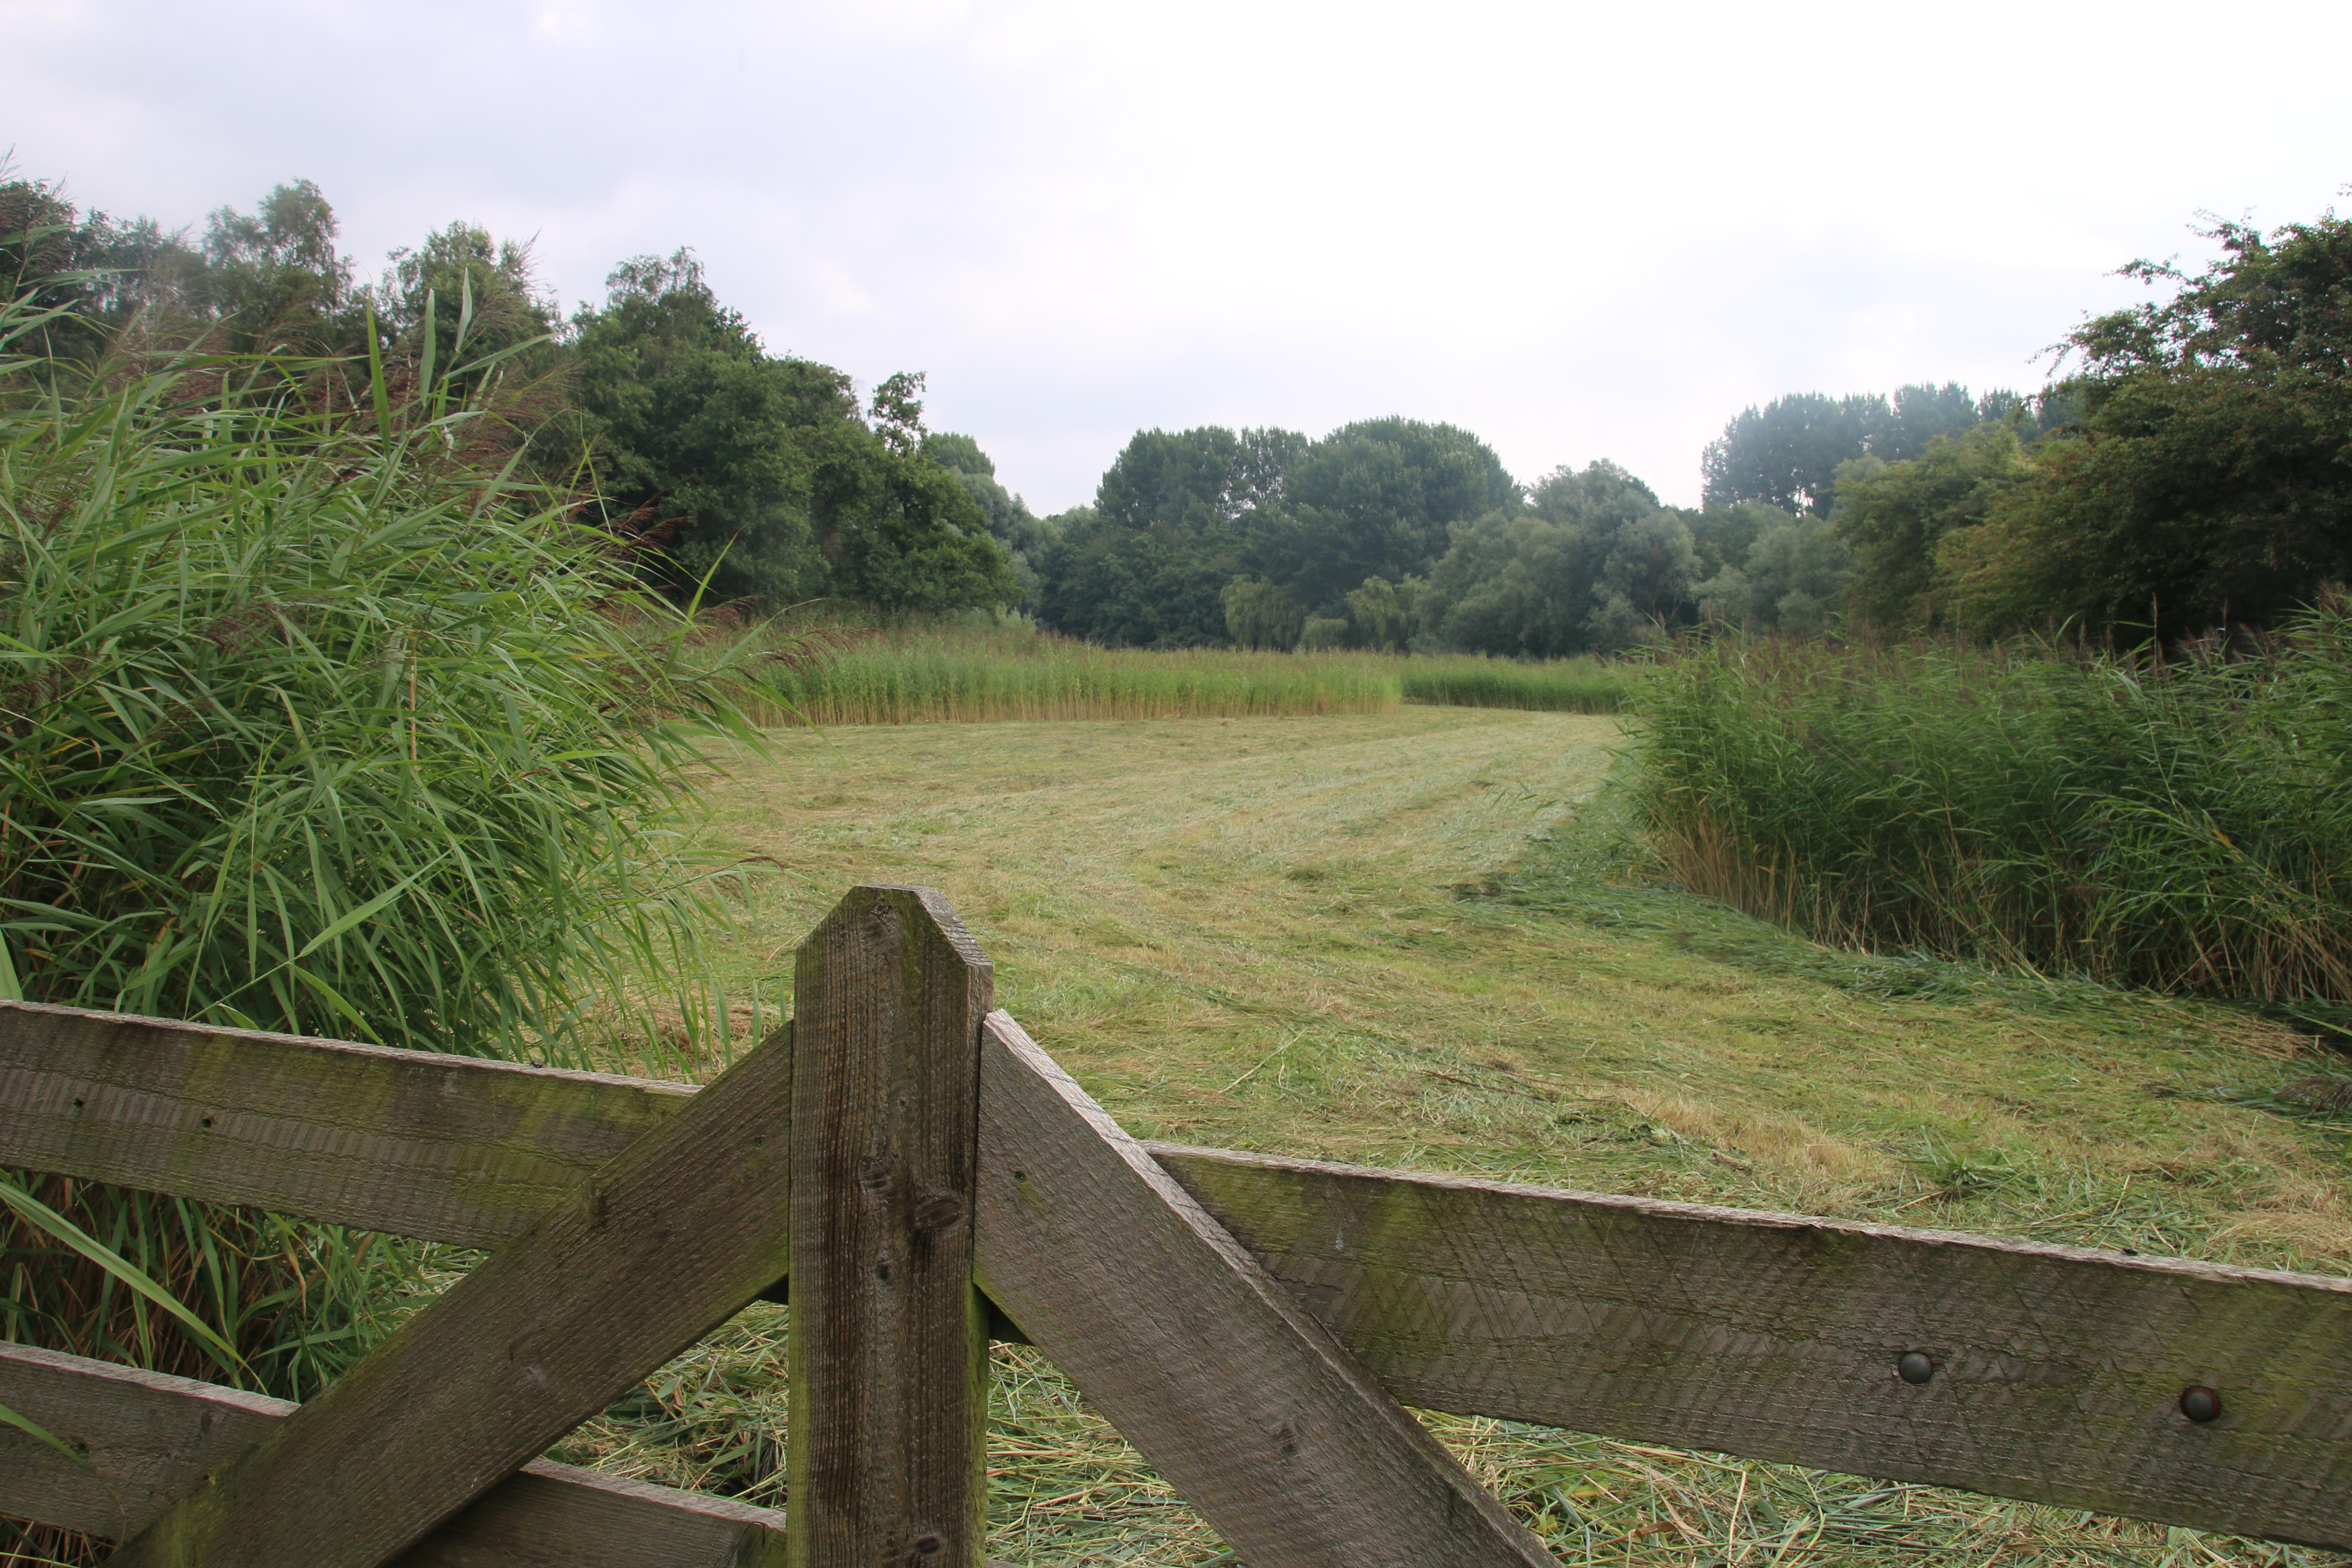 Zomerse rondleiding Natuur- en landschappentuin, Zoetermeer